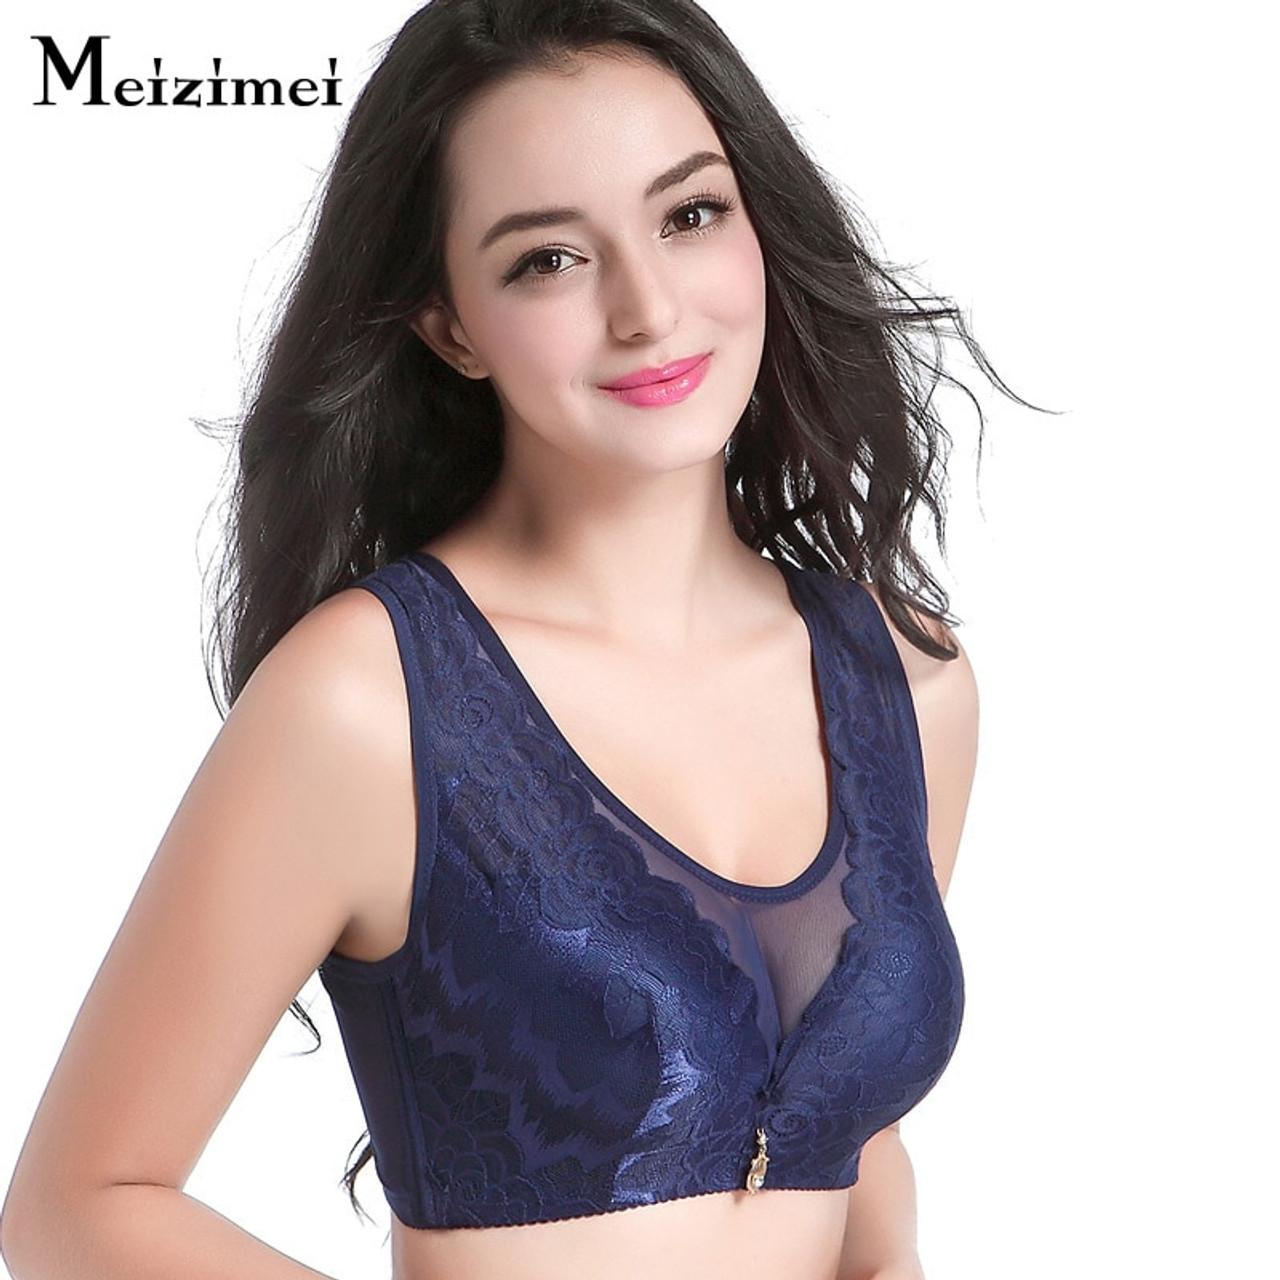 944f07c8cf010 ... Meizimei Hot sexy mesh lace bra crop tops big size underwear for women  brassiere wireless wide ...